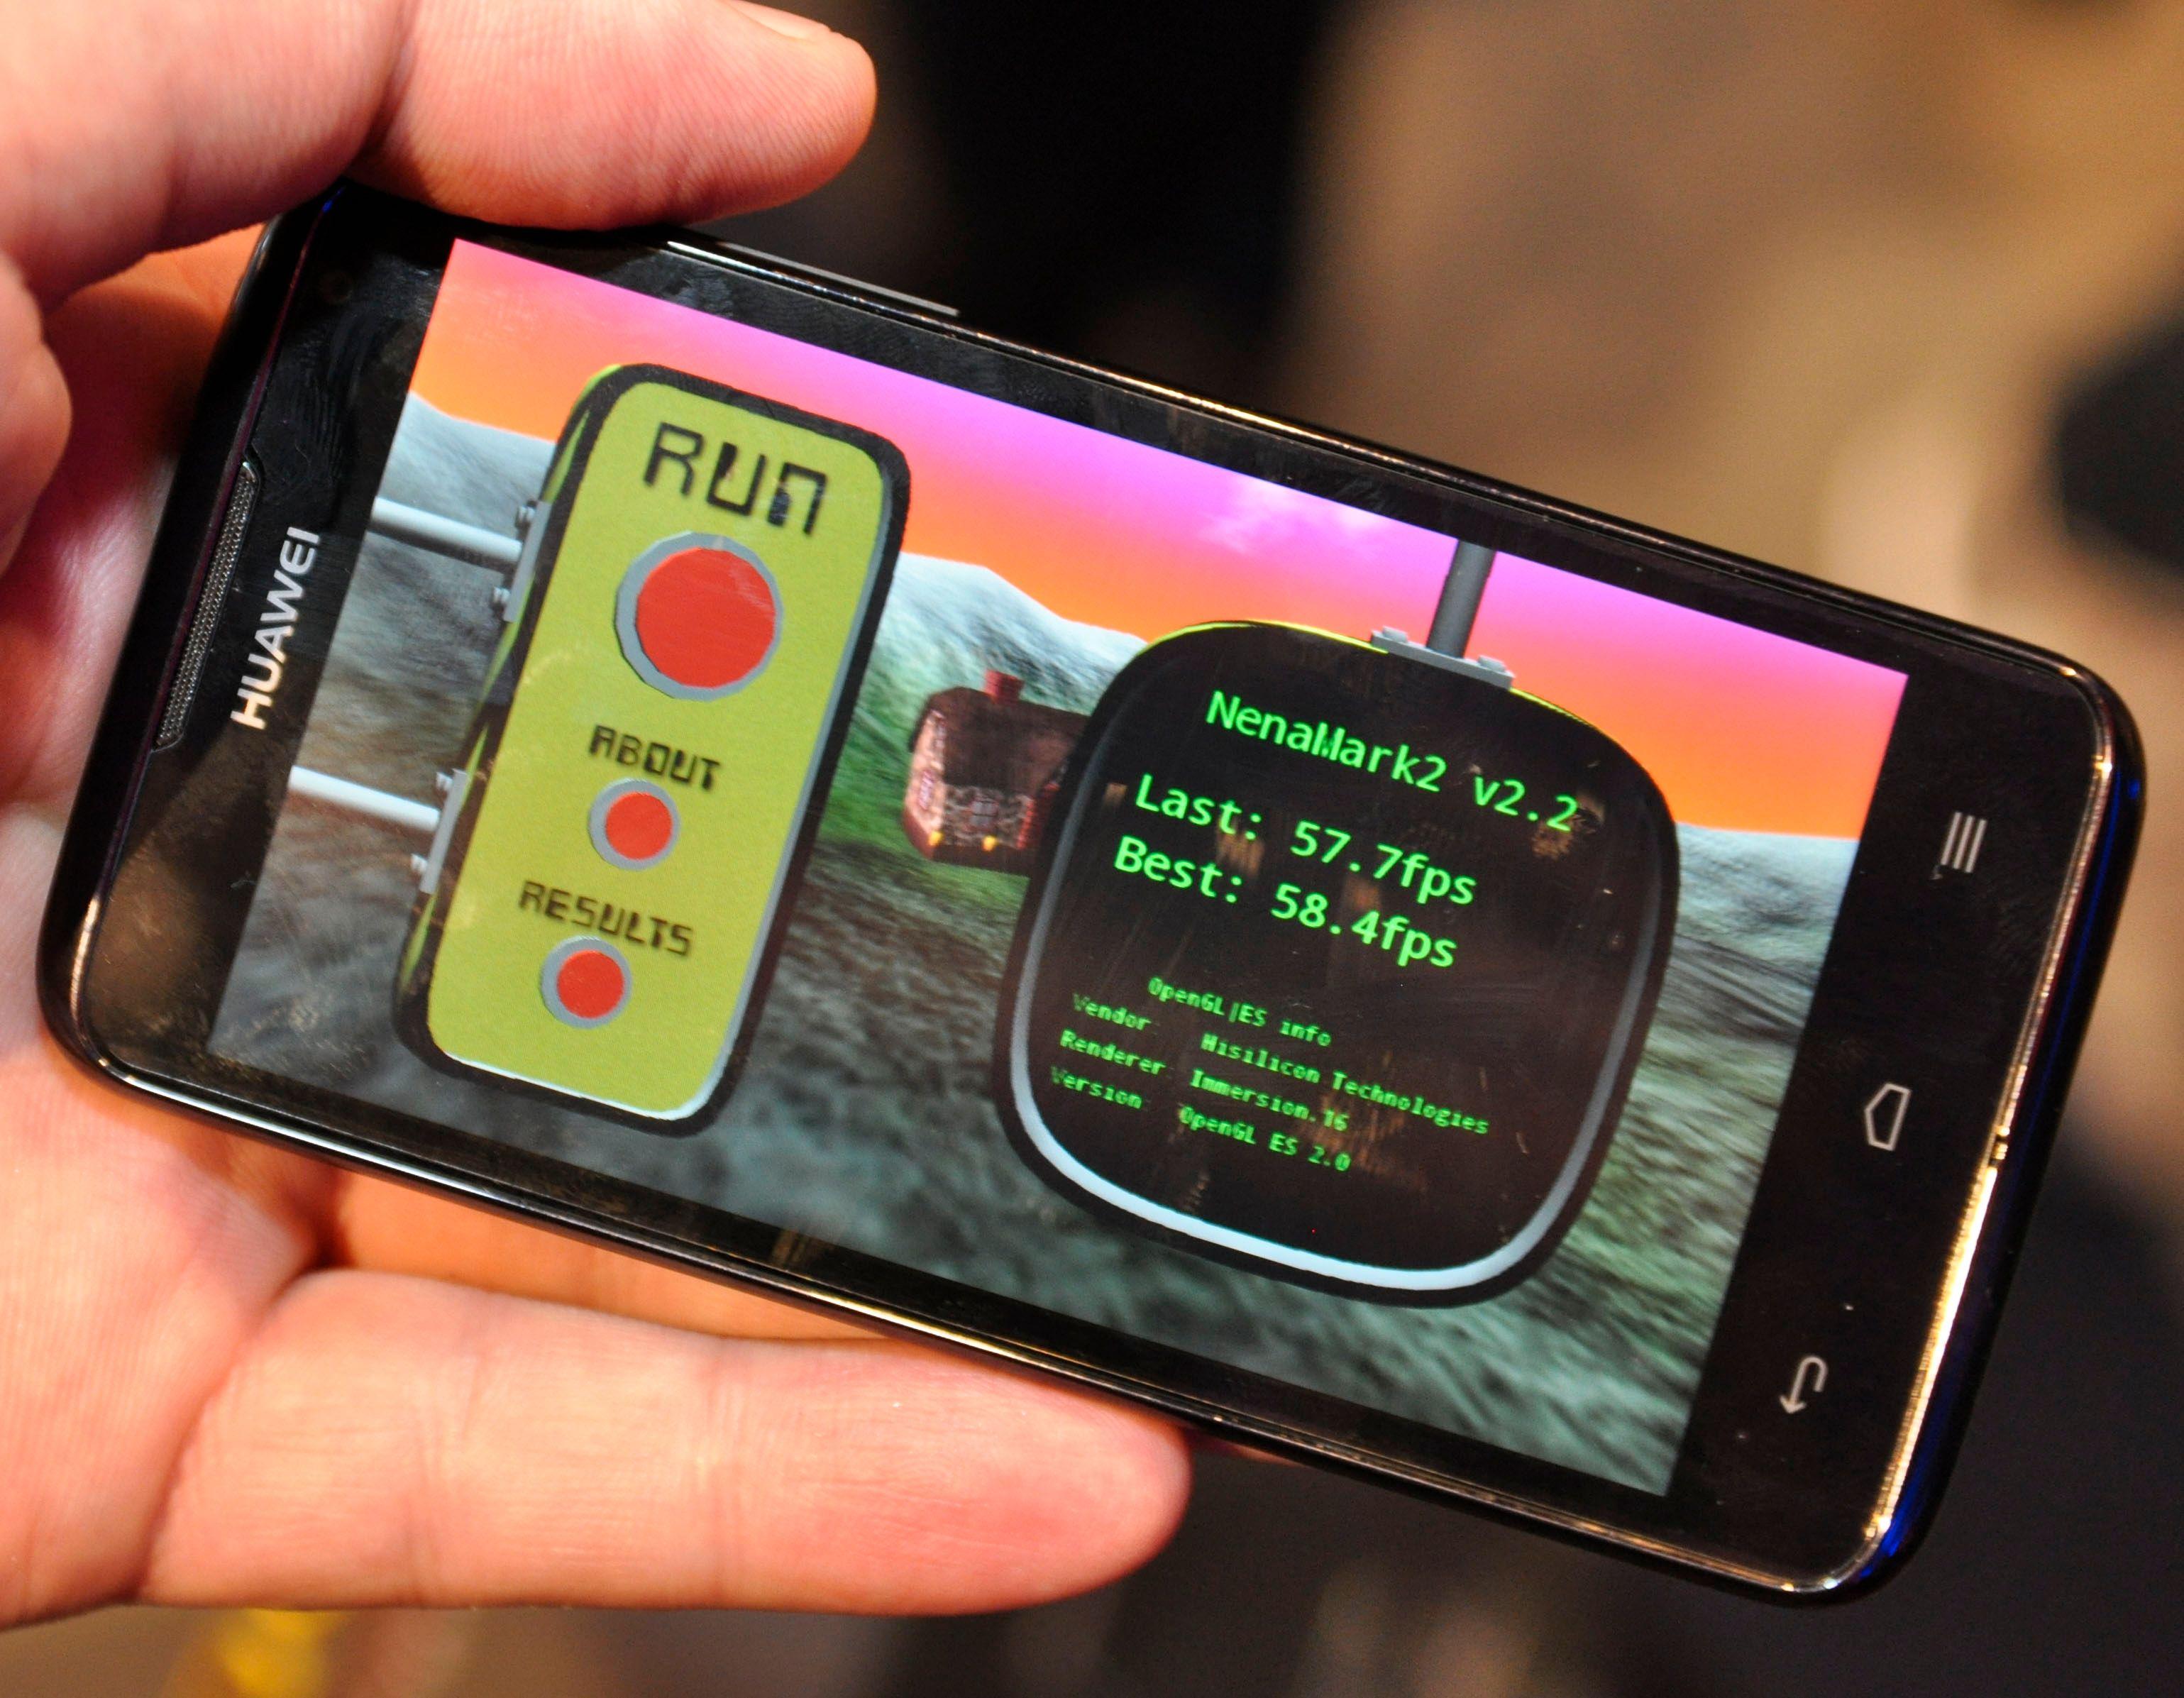 Ascend D quad utklasser alle andre telefoner i ytelsestesten Nenamark 2.